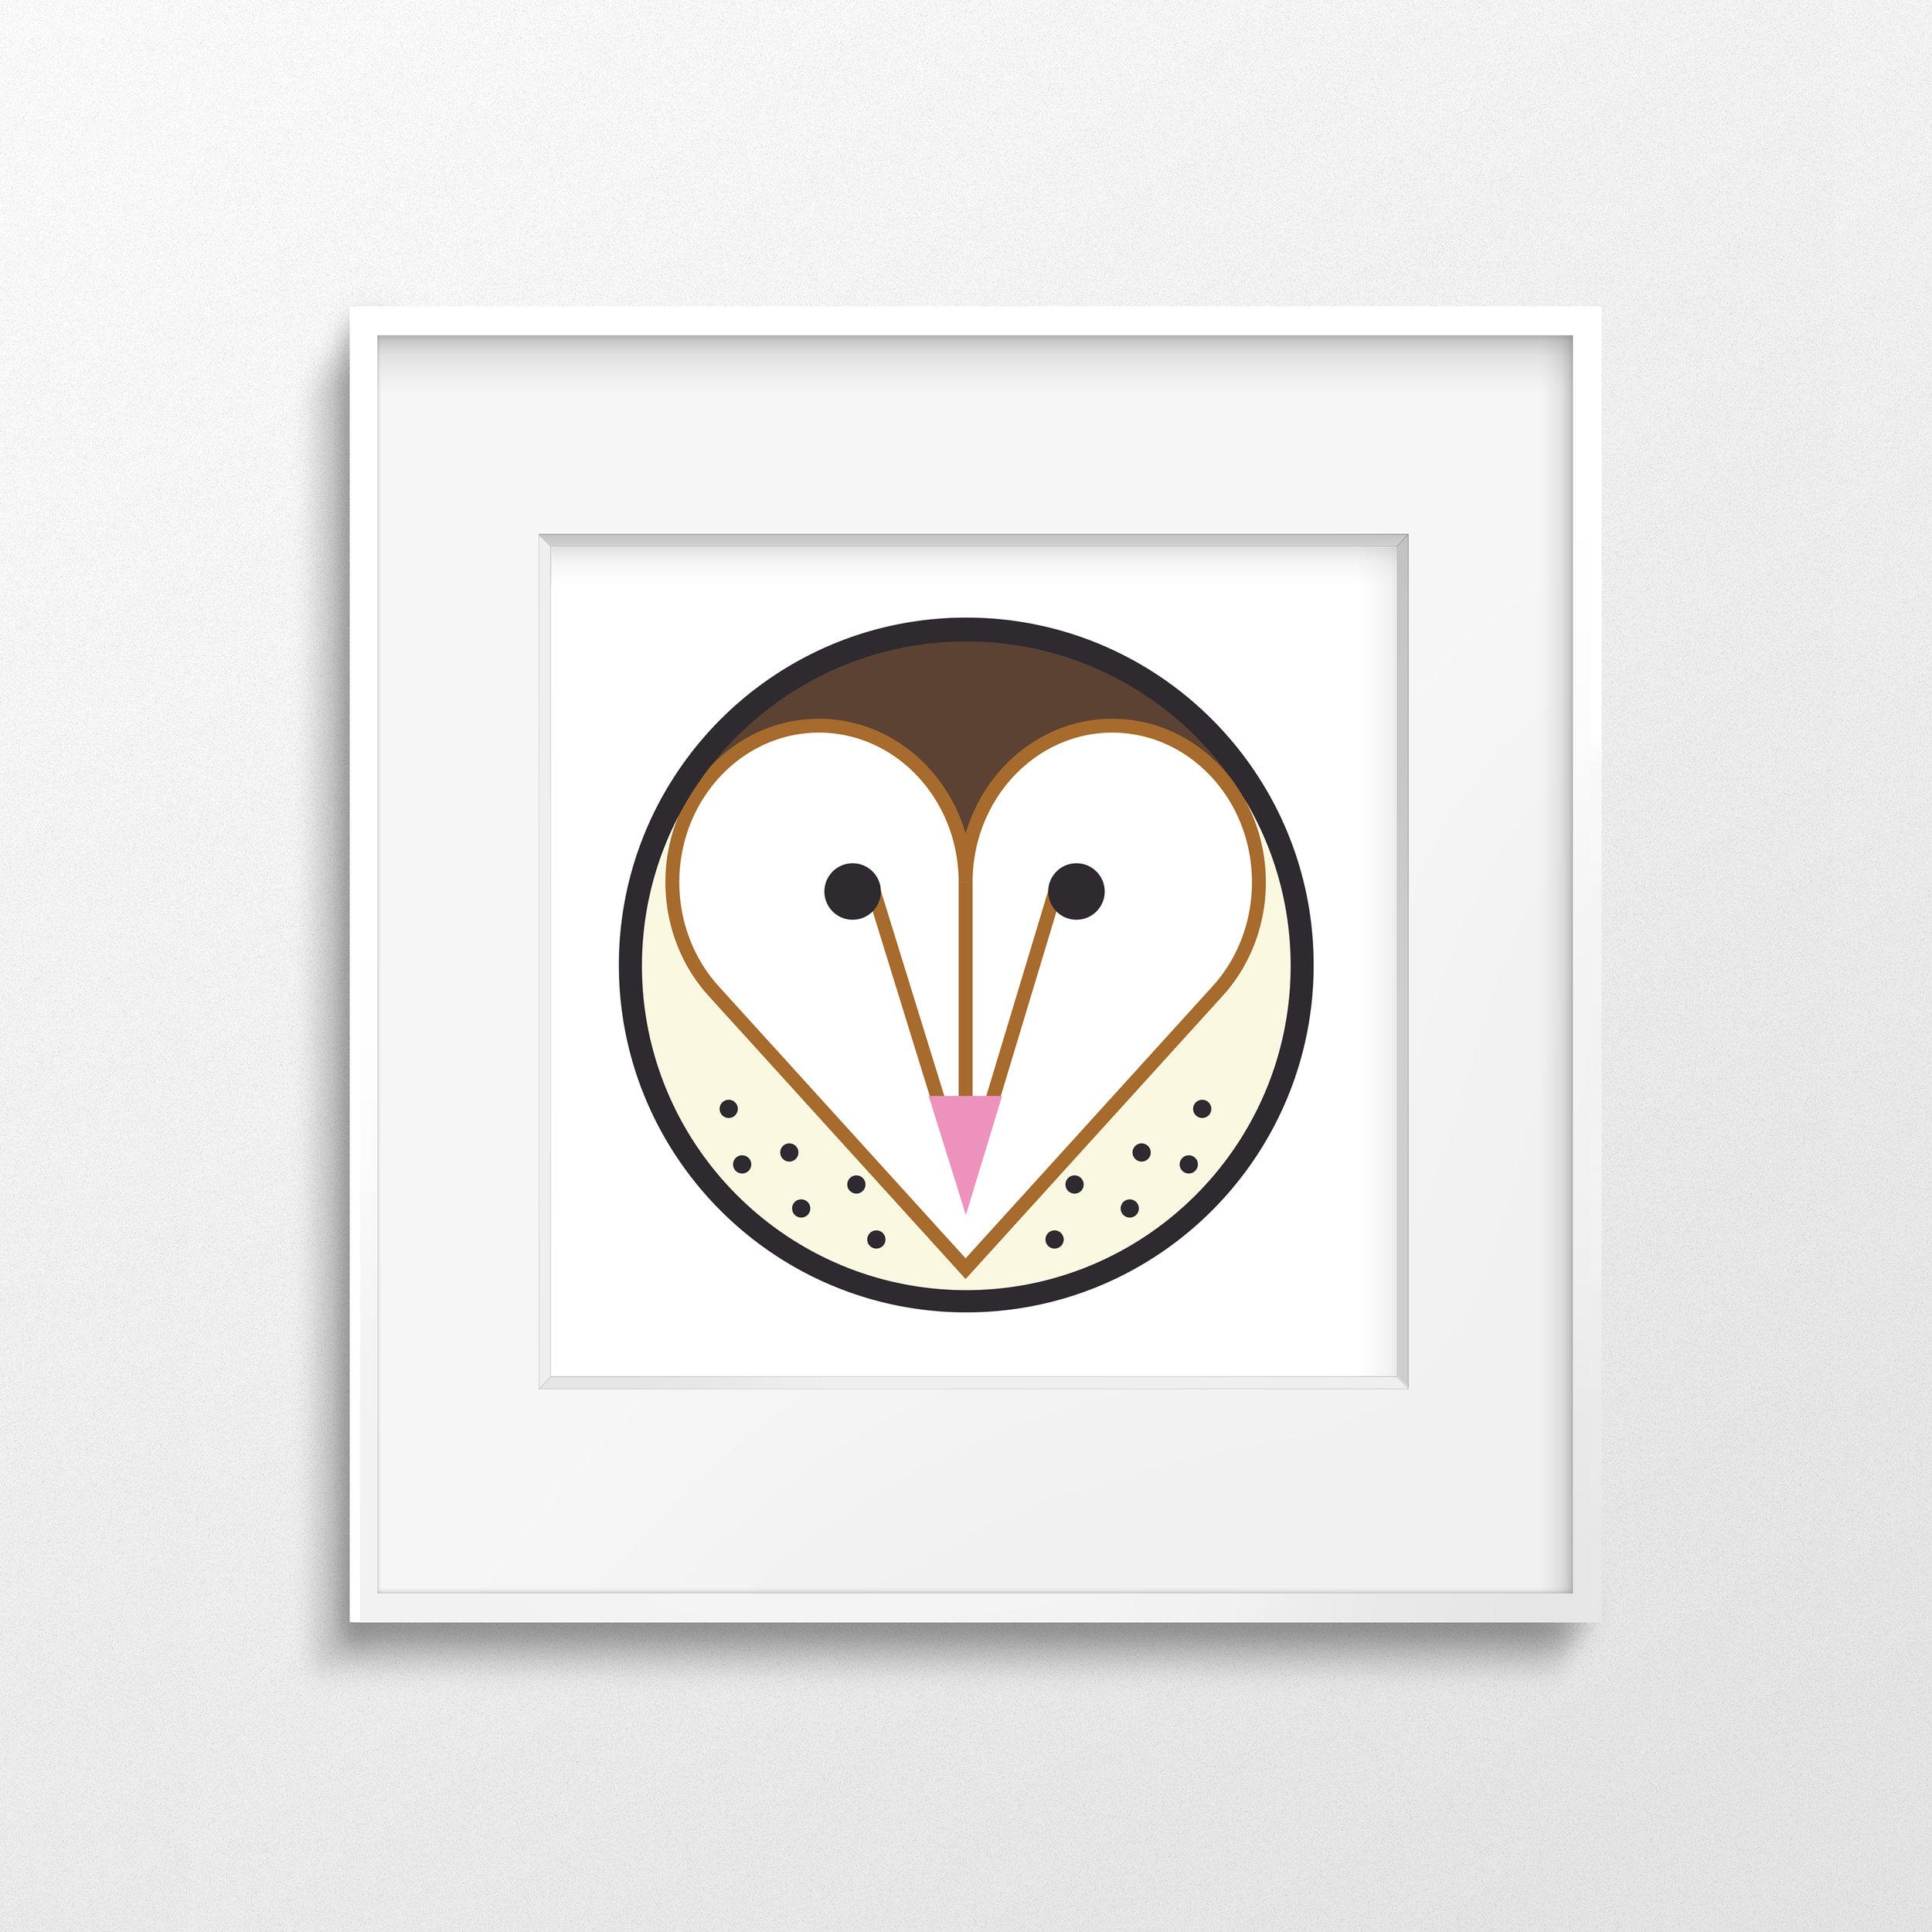 Barn Owl2 White Frame2 (Thin).jpg